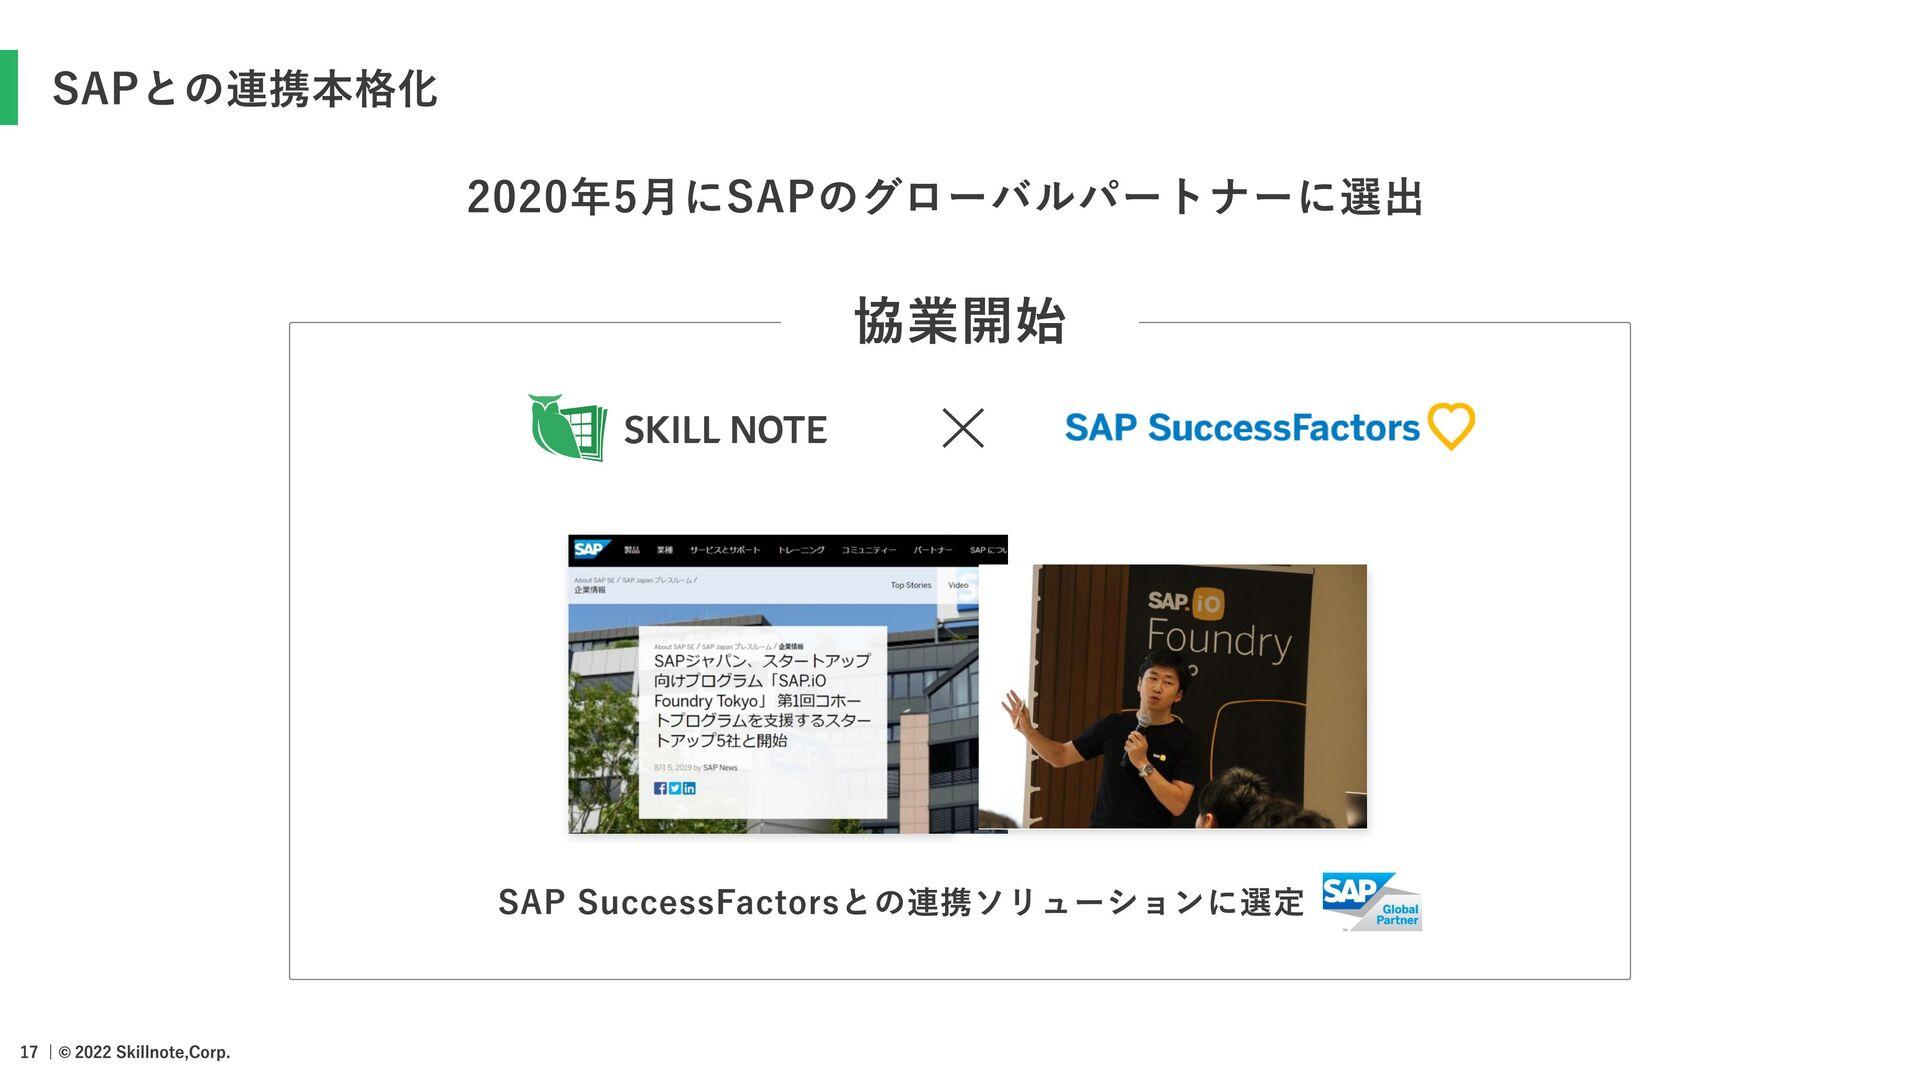 SAPとの連携本格化 2020年5⽉にSAPのグローバルパートナーに選出 SAP Succes...